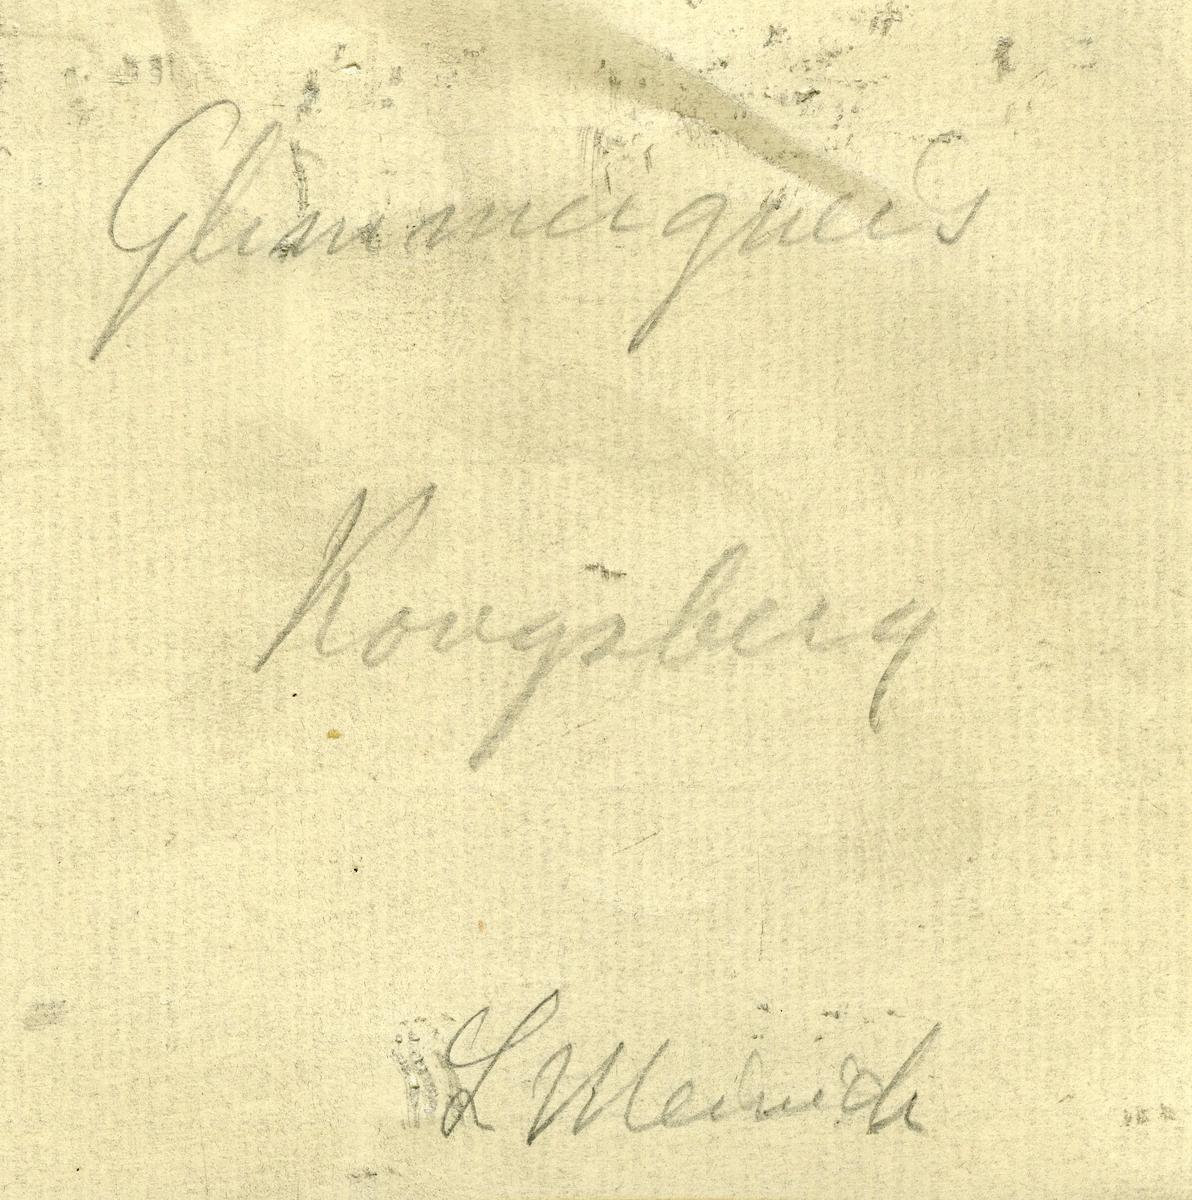 Etikett på prøve: 77. Etikett i eske:  Glimmergneis Kongsberg L Meinich